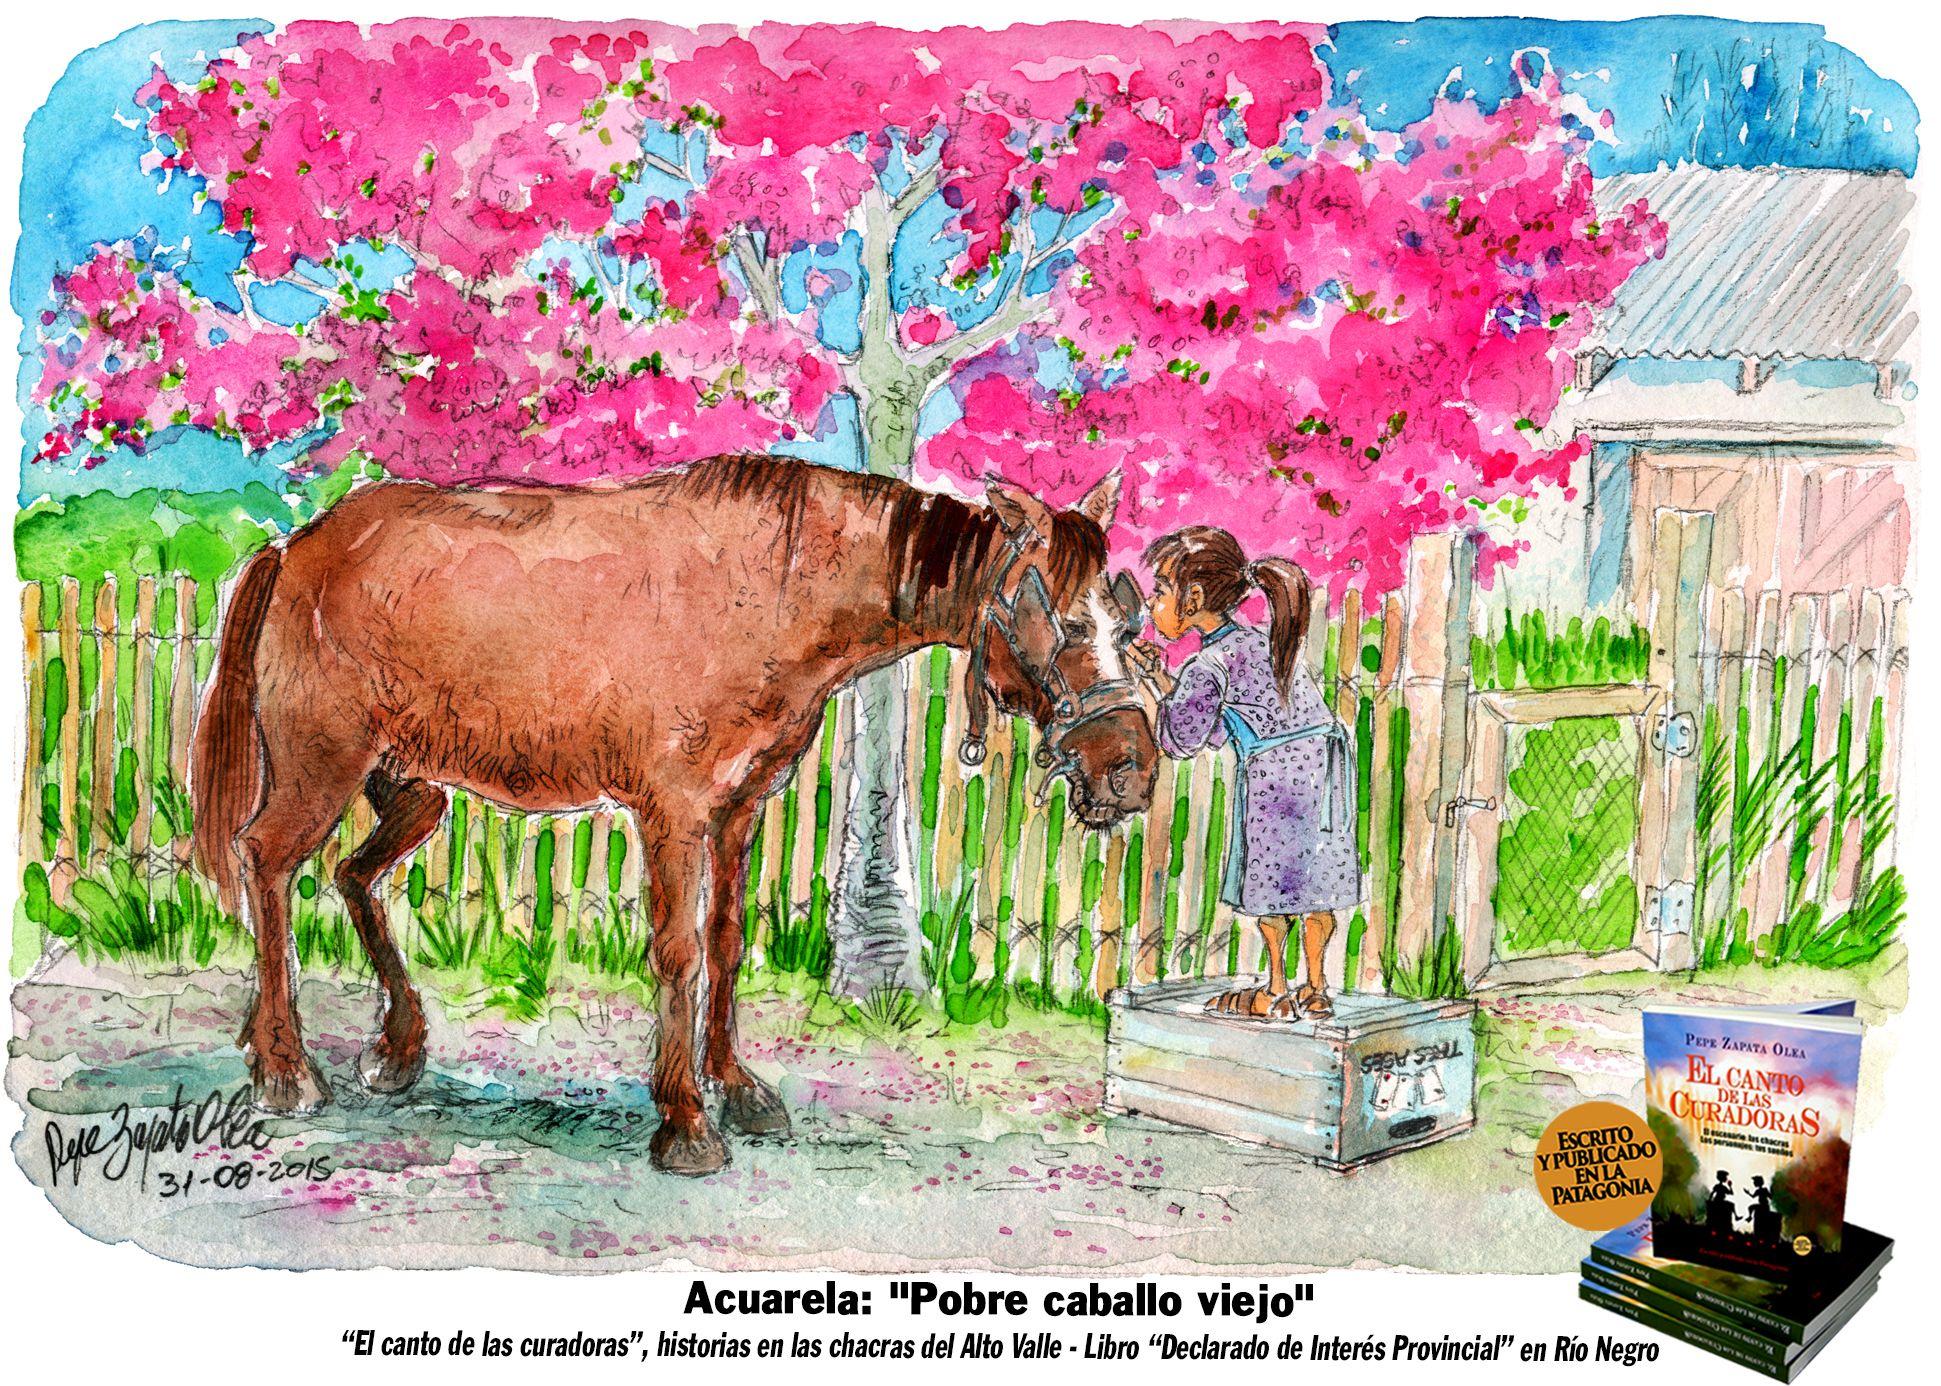 """Acuarela: """"Pobre caballo viejo"""" """"Rosendo se jubiló como cualquier otro peón, y el patrón quiso que se quedara en la chacra por respeto a sus años de duro trabajo. """"De peón a mascota"""", parecía pensar Rosendo, cada vez que le probaban la anteojera. Las arvejas y las habas plantadas en abril eran su pretal y la primavera su lomera. Pero las palabras dulces de la niña: perfumados pétalos rosados en sus orejas."""""""